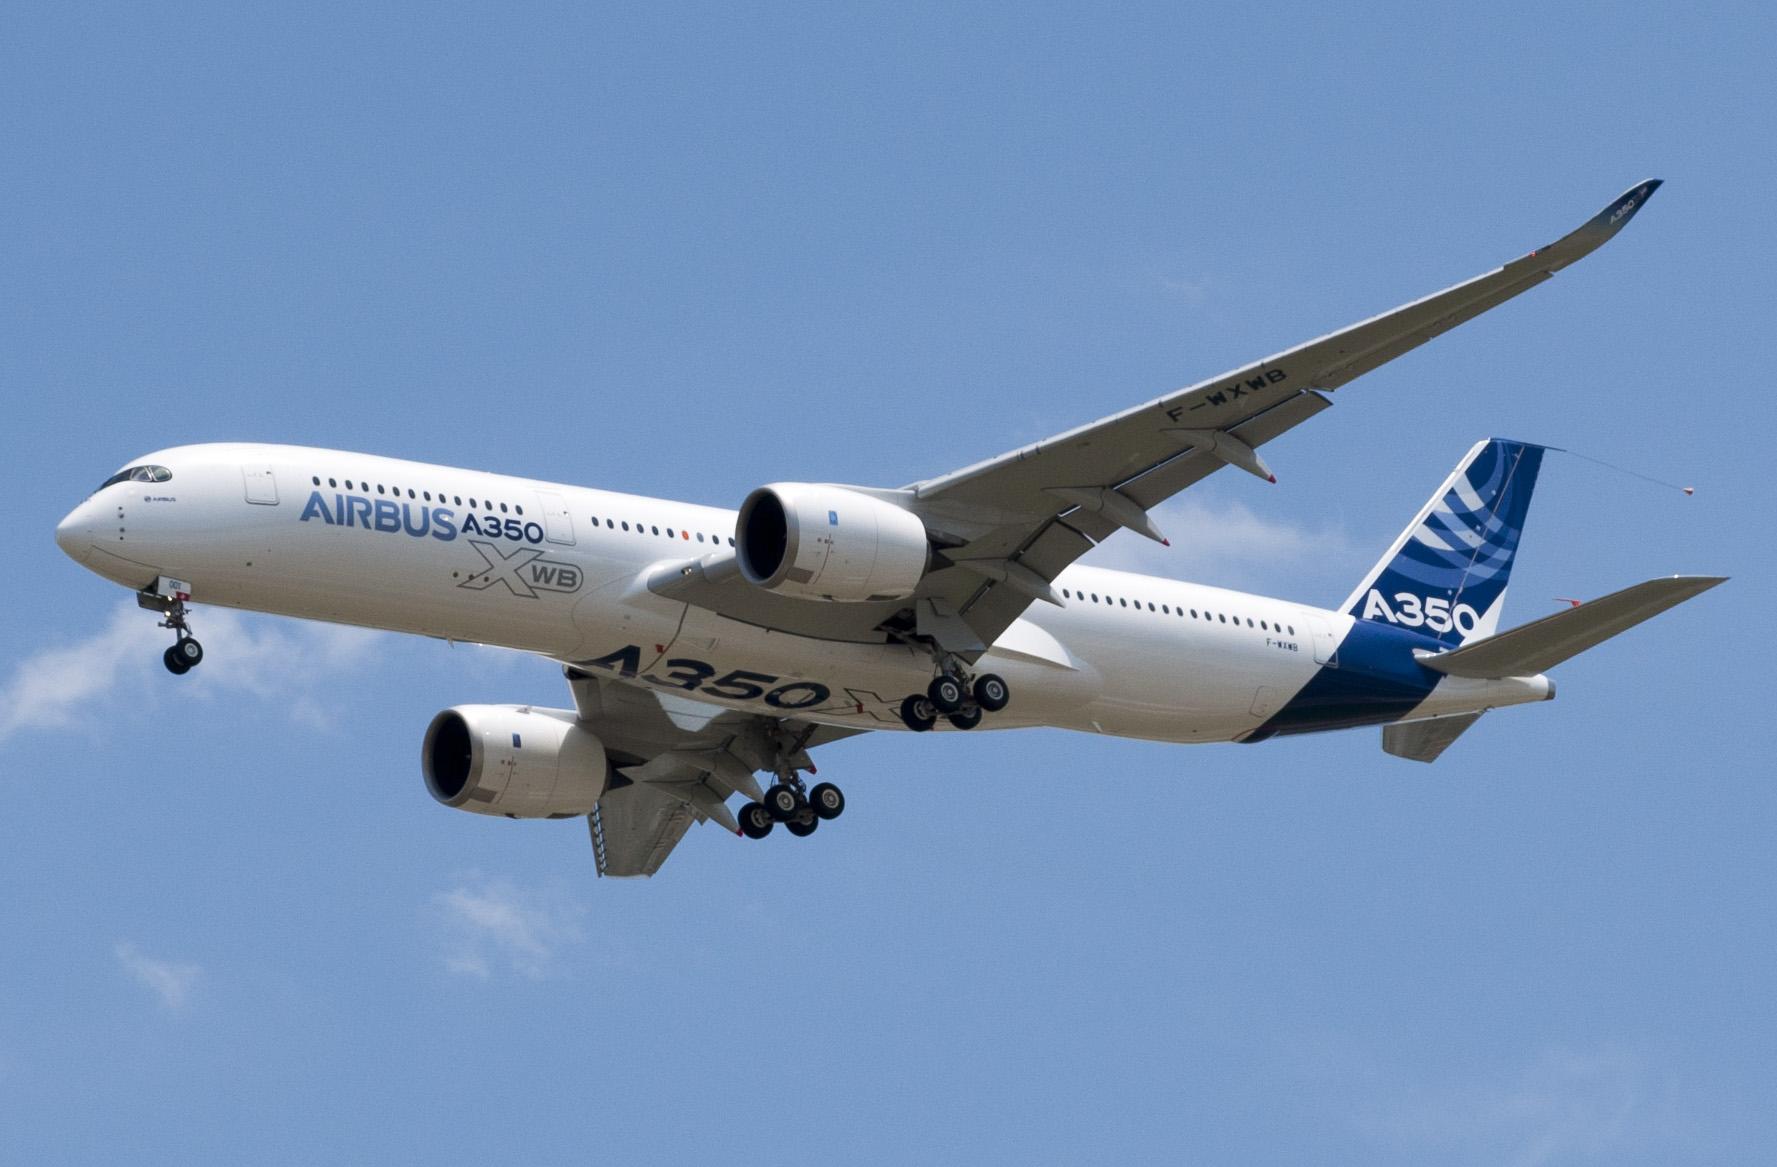 A350_First_Flight_-_Low_pass_02.jpg